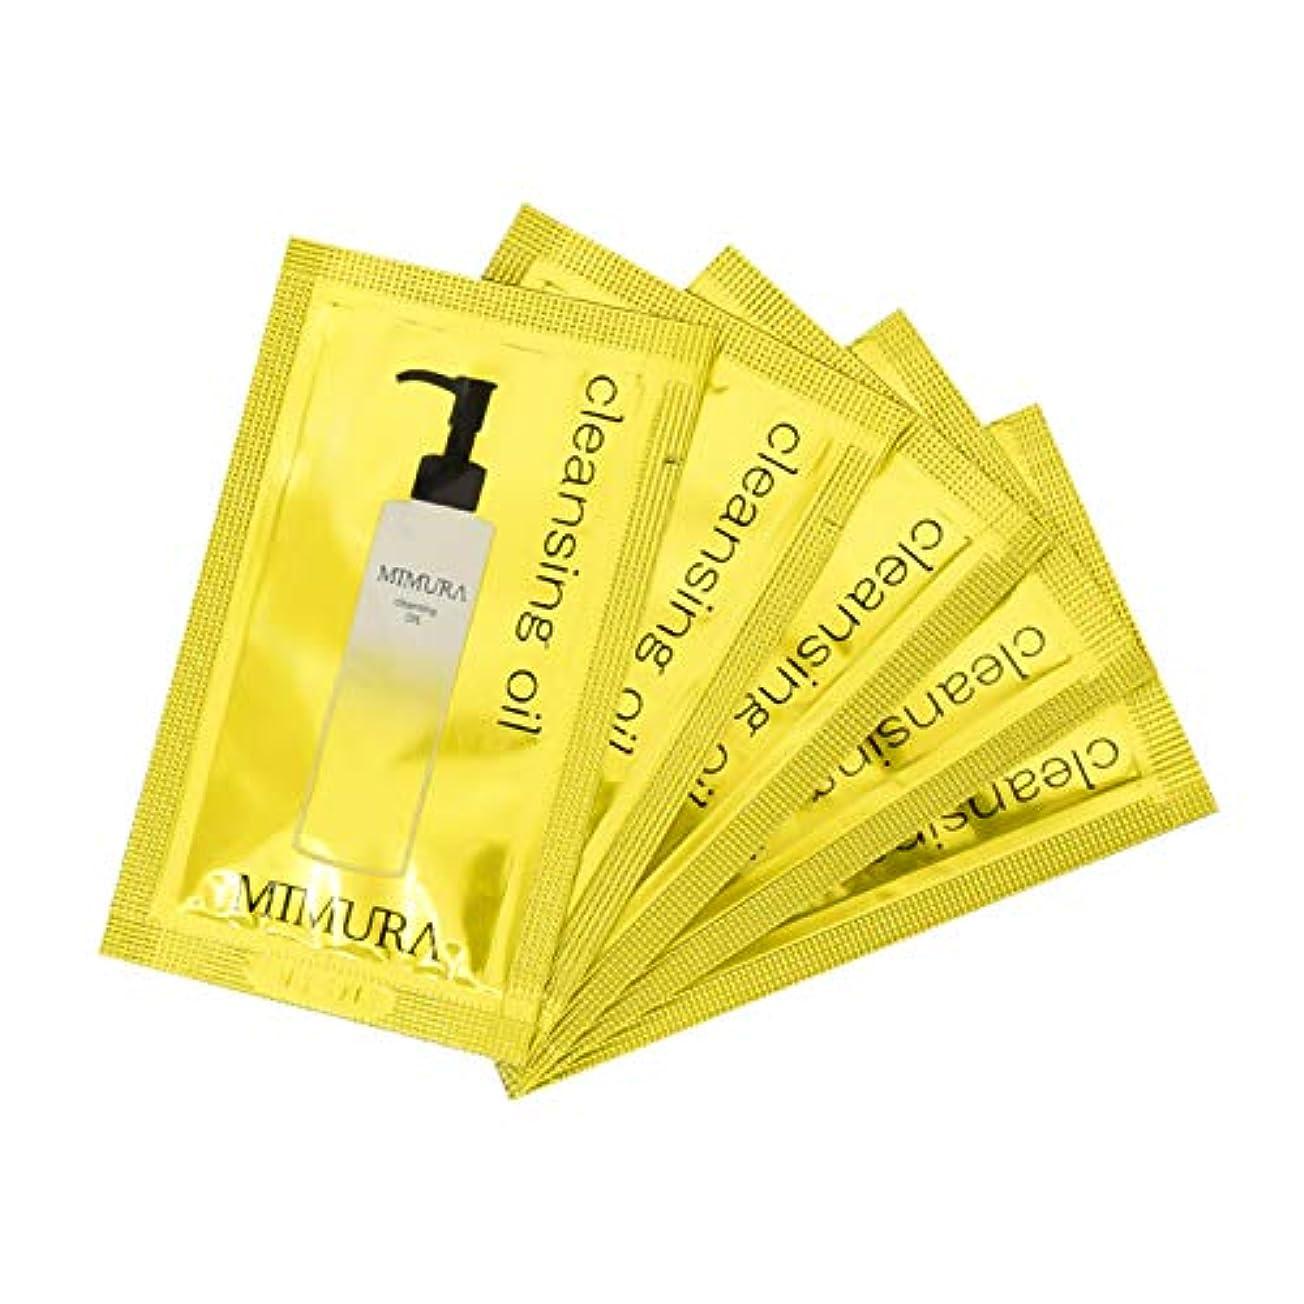 十代ボードオープナークレンジングオイル マツエク ok w洗顔不要 毛穴 メイク落とし ミムラ 試供品 5個入り ゆうパケット(ポスト投函)での発送となります。 MIMURA 日本製 ※おひとり様1点、1回限りとなります。